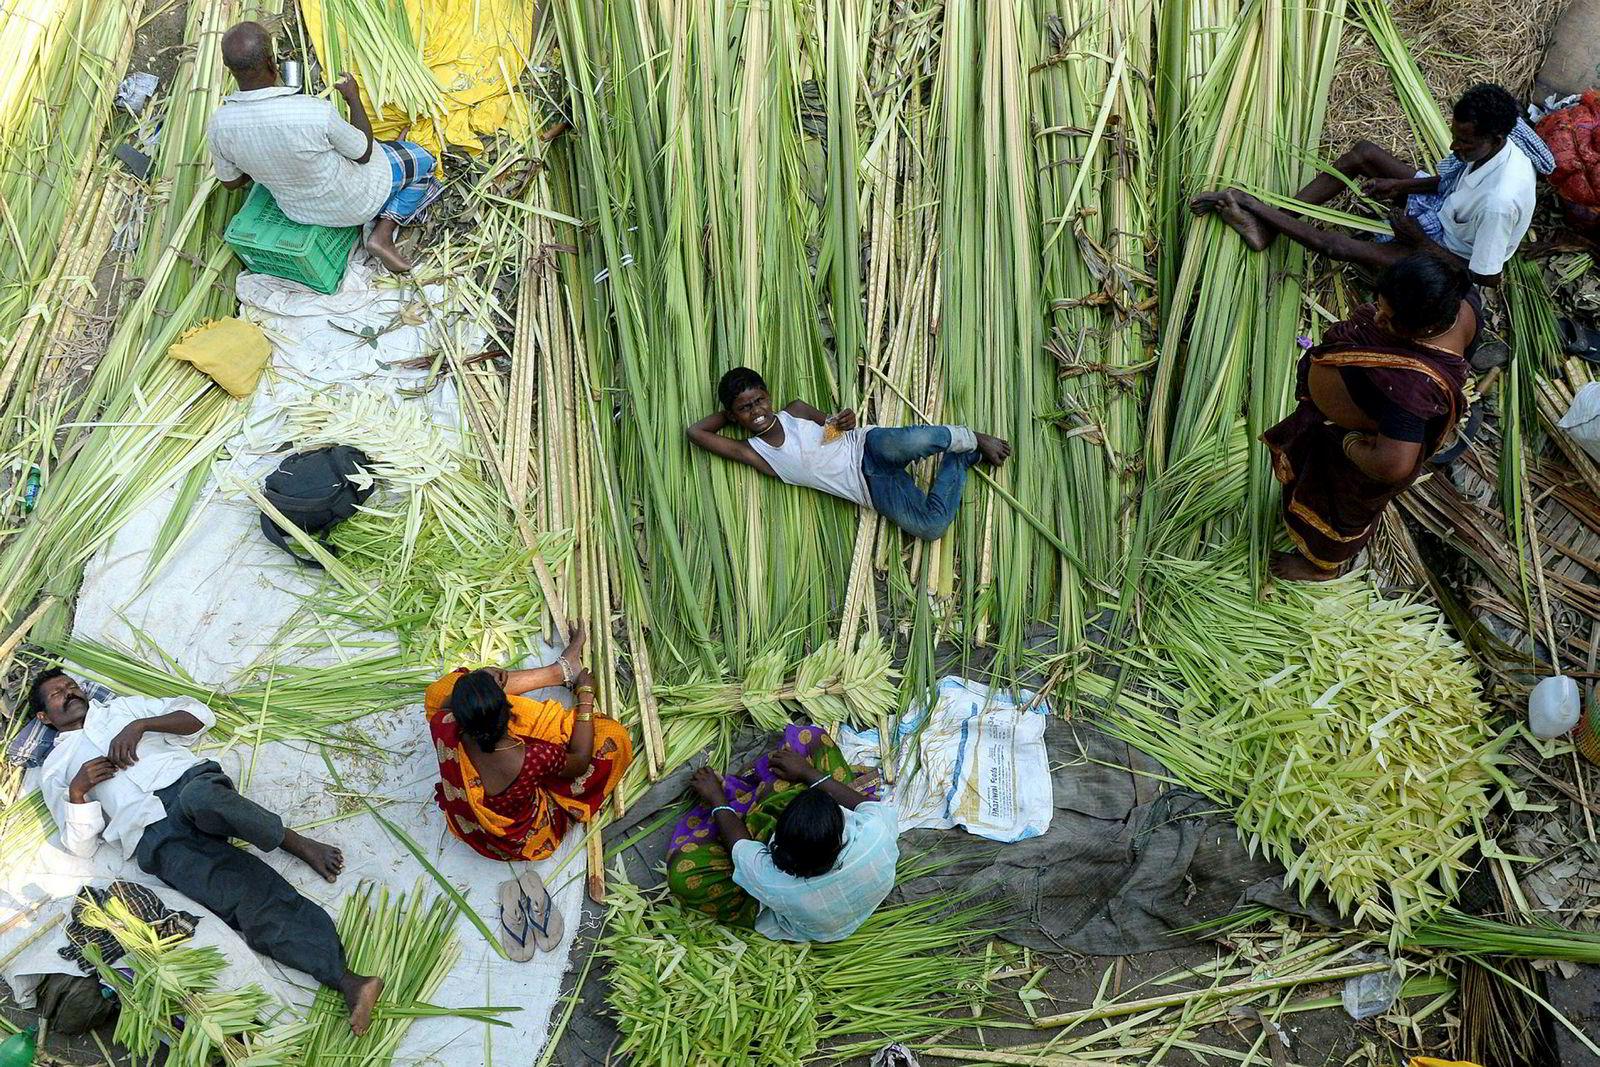 Selgere samler kokosnøtt blader som skal selges under hinduenes Durga Puja festivalen i Chennai, India. Den fem dager lange festivalen som markerer det godes seier over det onde.